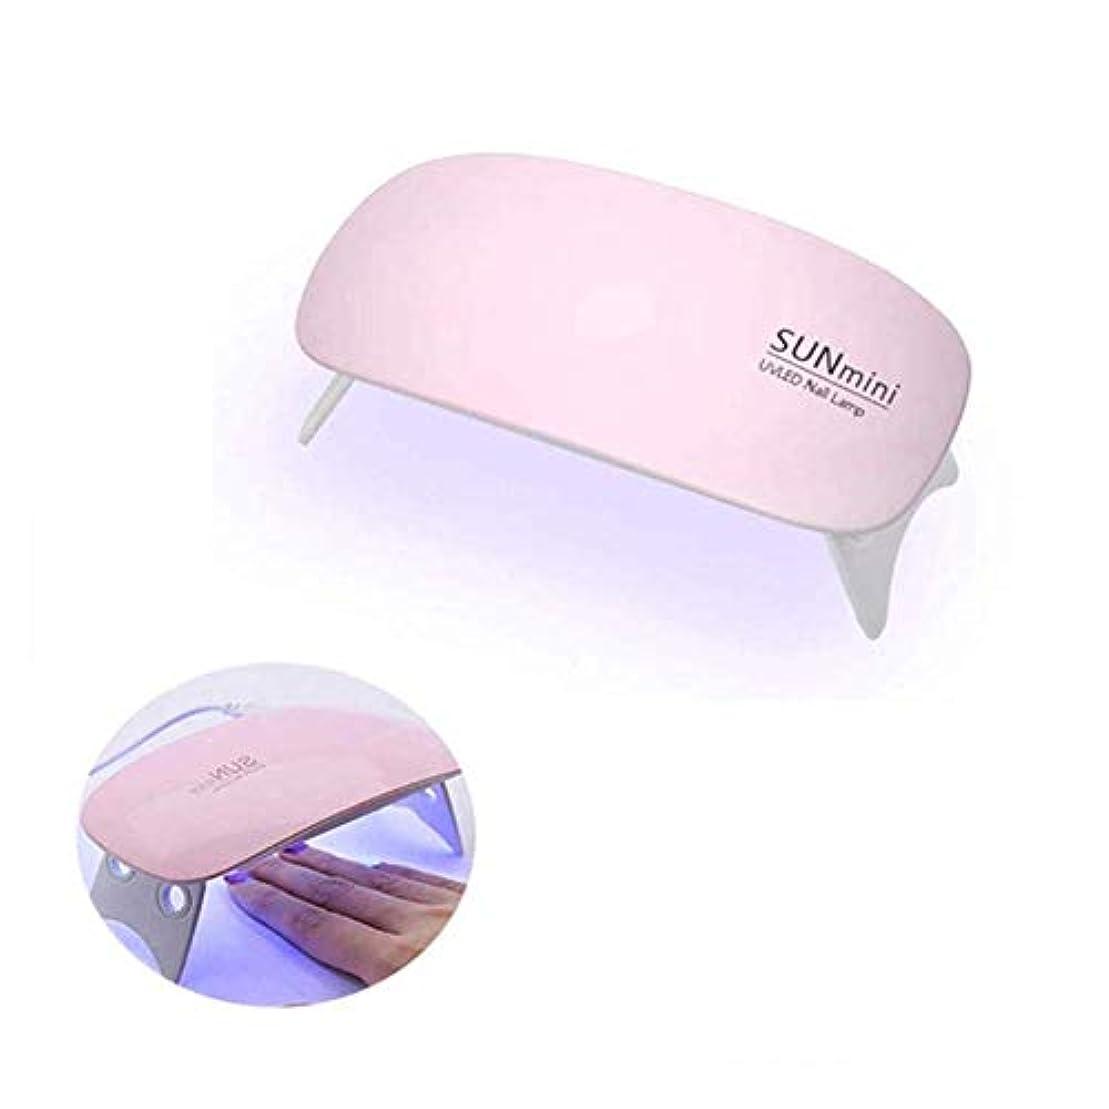 崖木製夢LEDネイルドライヤー 凝胶美甲灯 UVライト 折りたたみ式 設定可能 タイマー LED 硬化ライト 樹脂の道具 ピンク